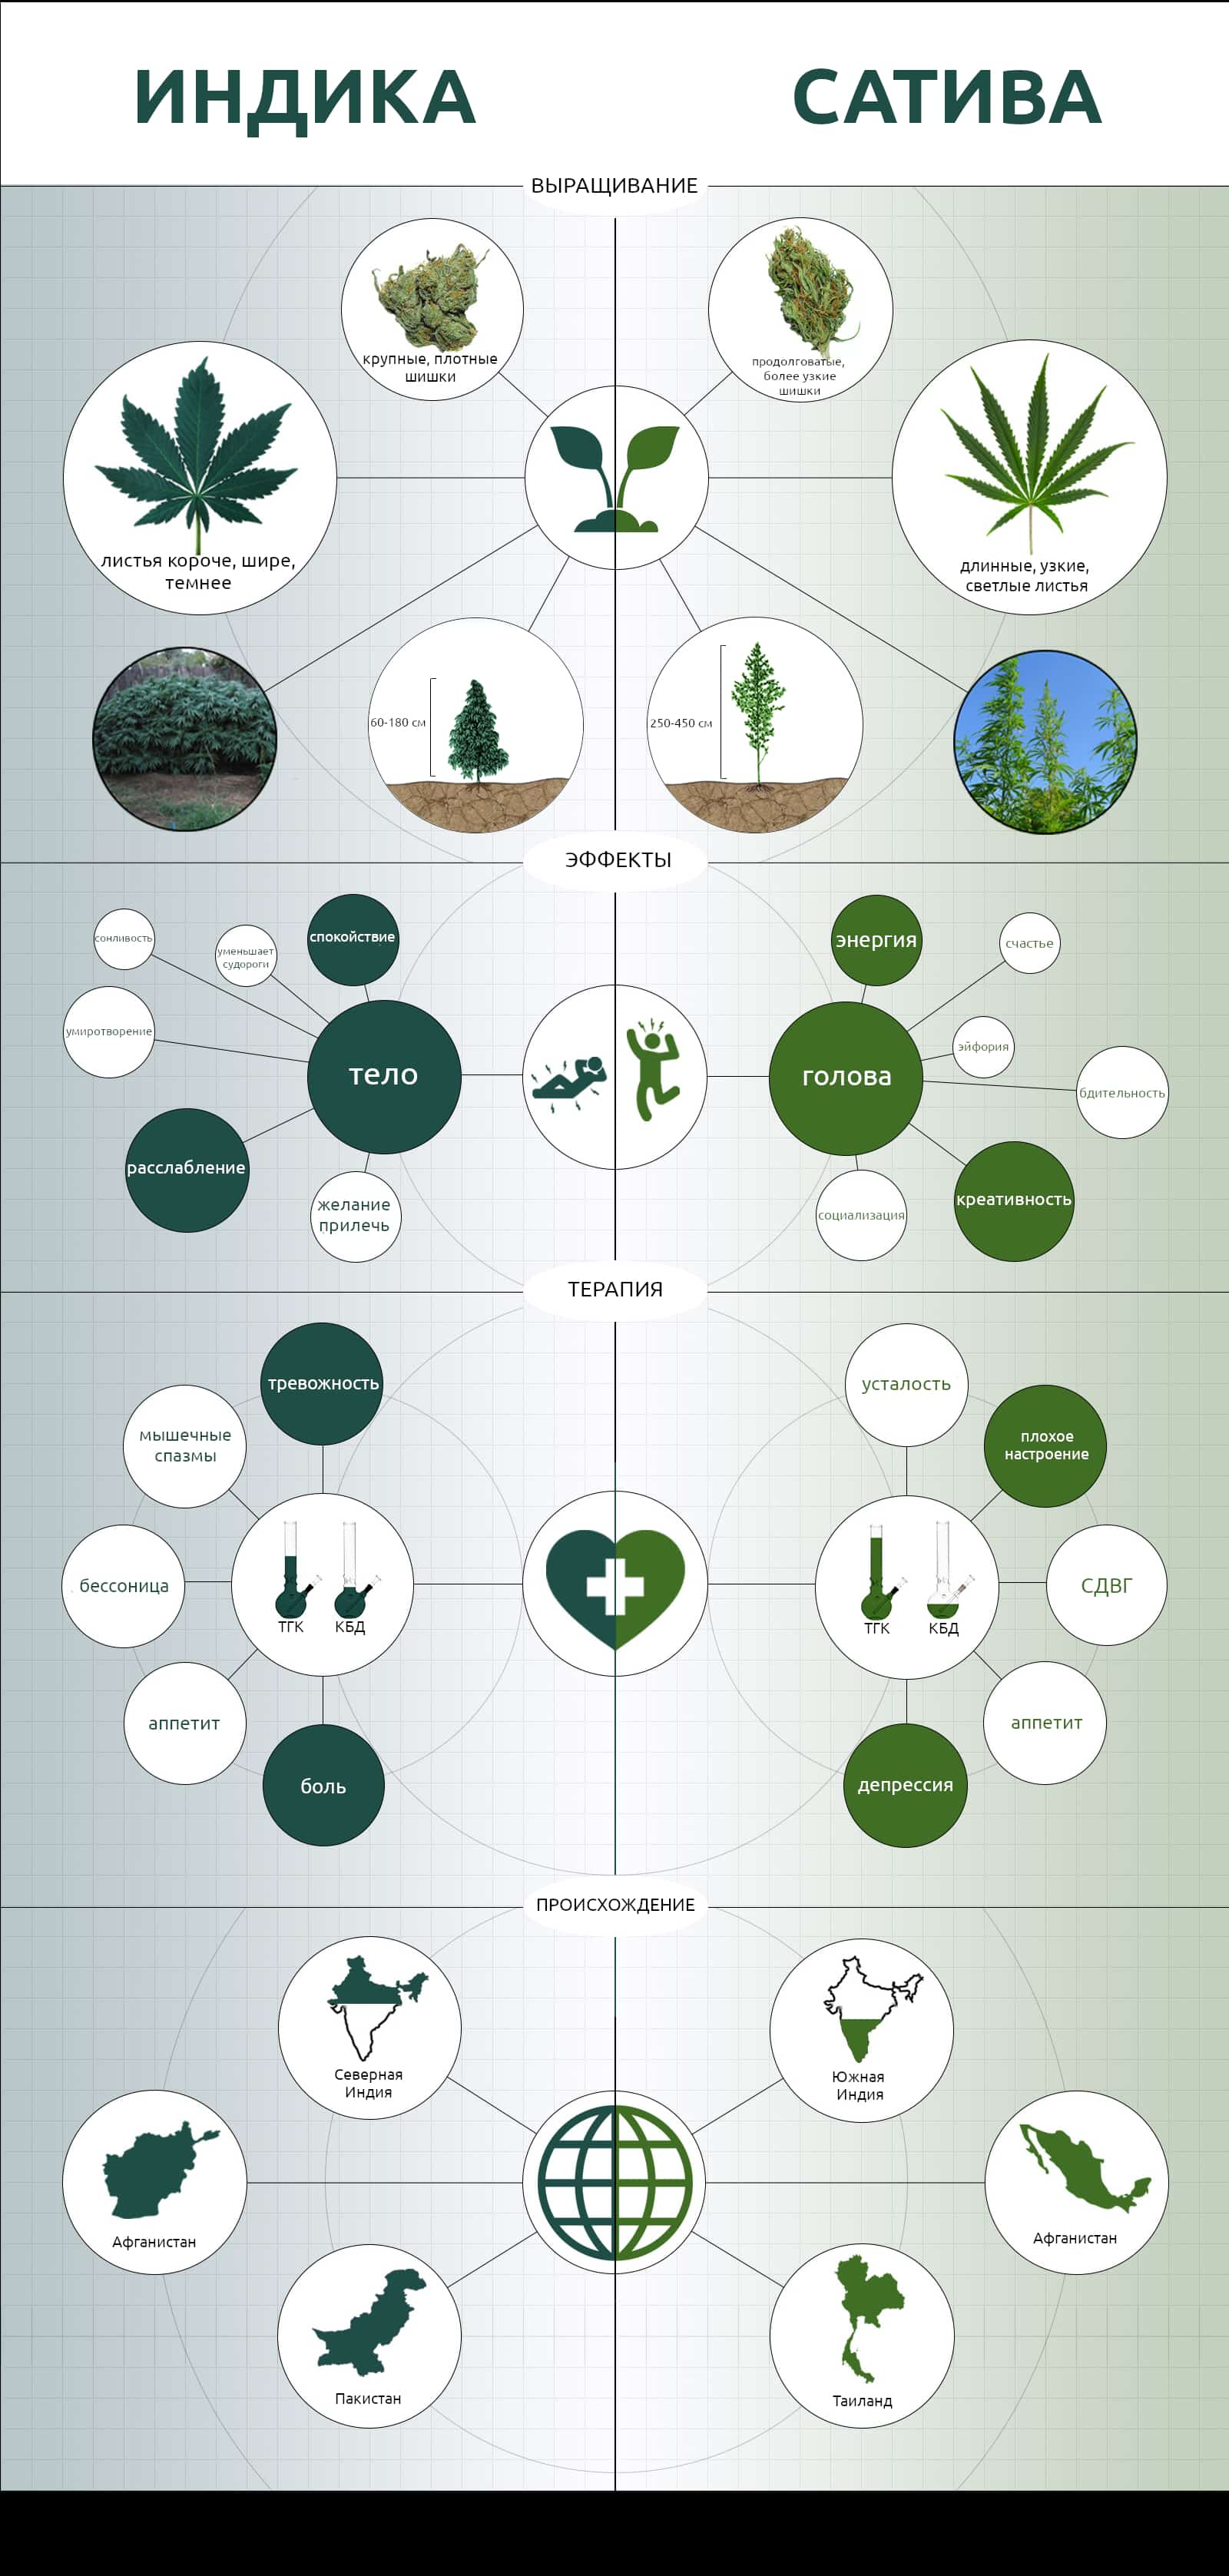 инфографика сатива индика